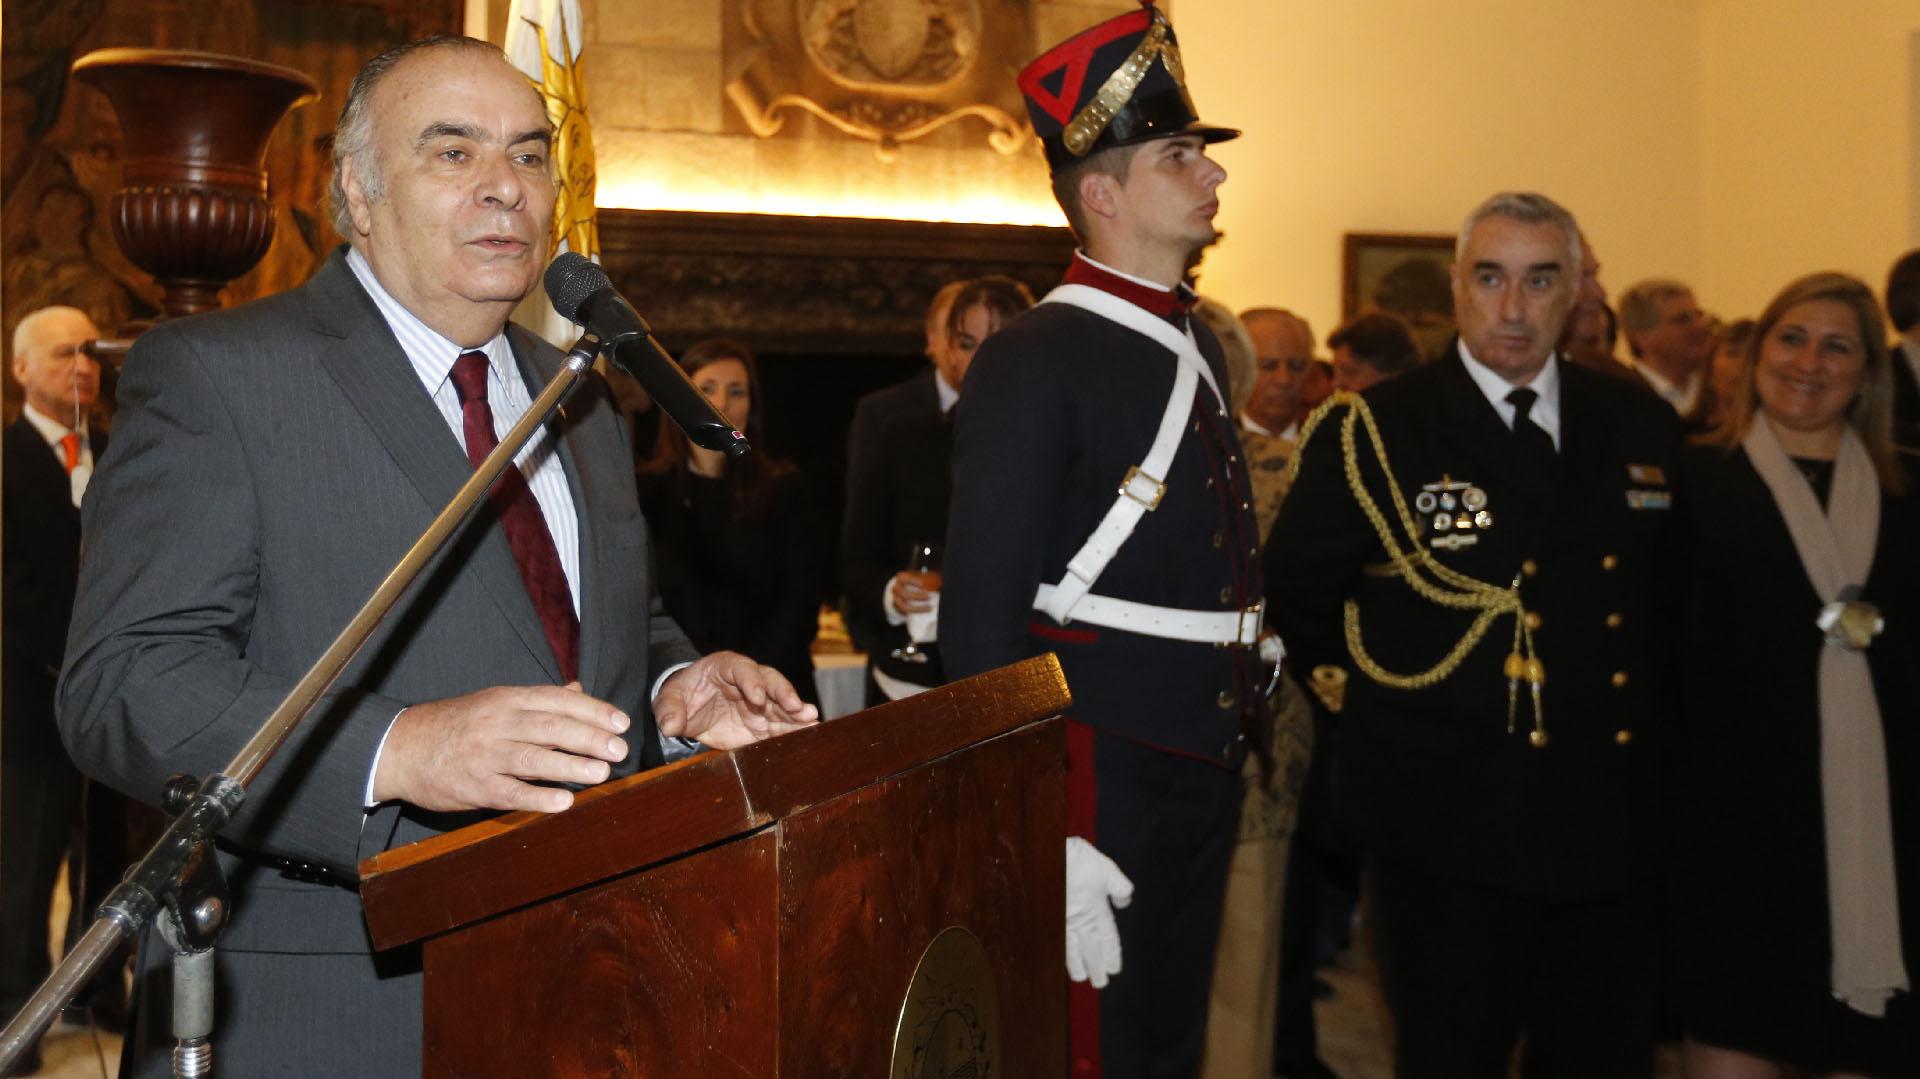 El embajador de Uruguay en la Argentina, Héctor Lescano Fraschini, durante su discurso en la tradicional recepción que se ofreció en la embajada, en el marco de la celebración de los 193 años de la Independencia de la República Oriental del Uruguay, ocurrida el 25 de agosto de 1825